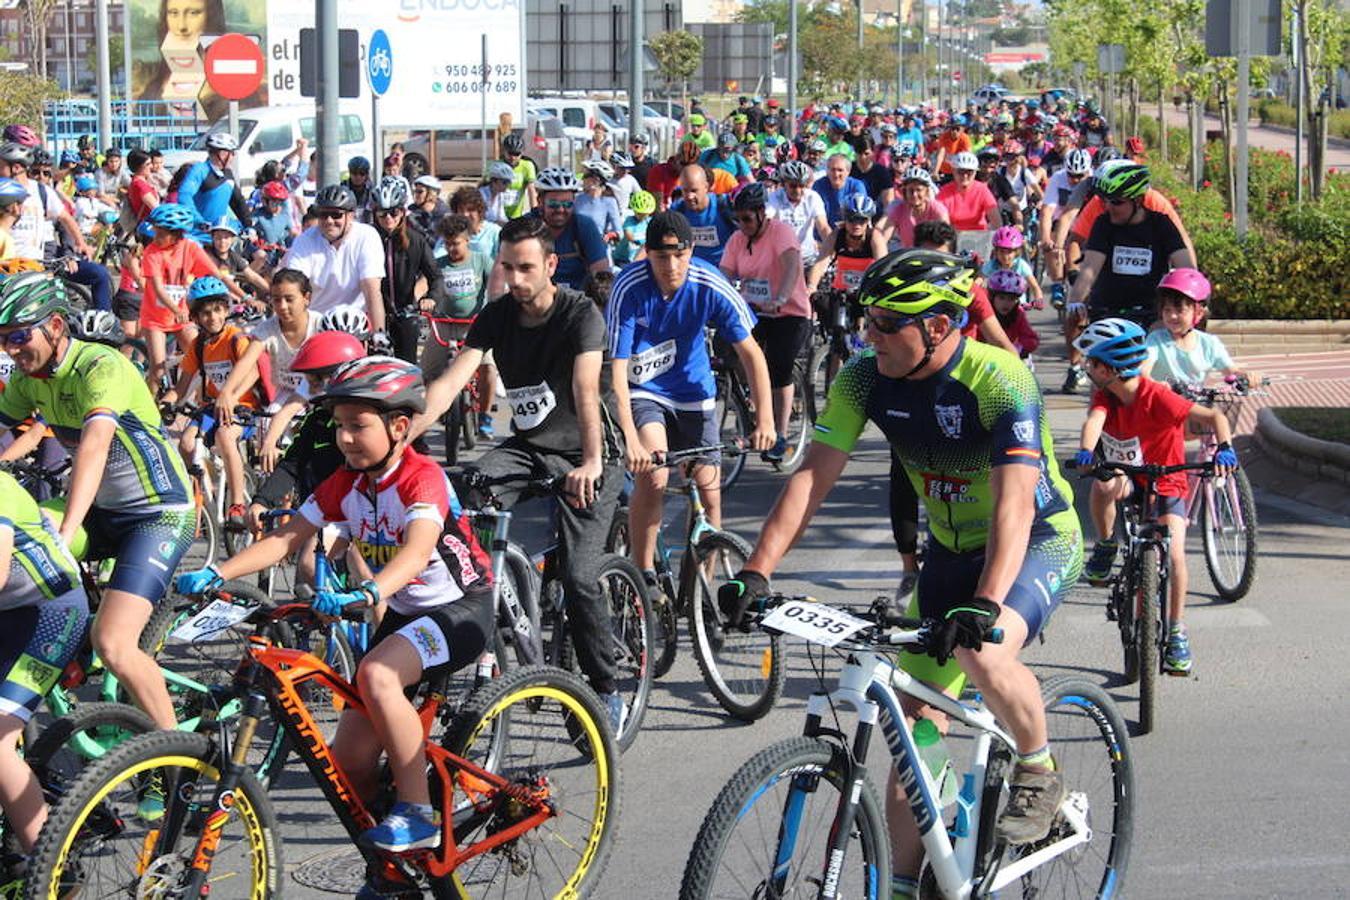 Los ejidenses disfrutan del Día de la Bicicleta